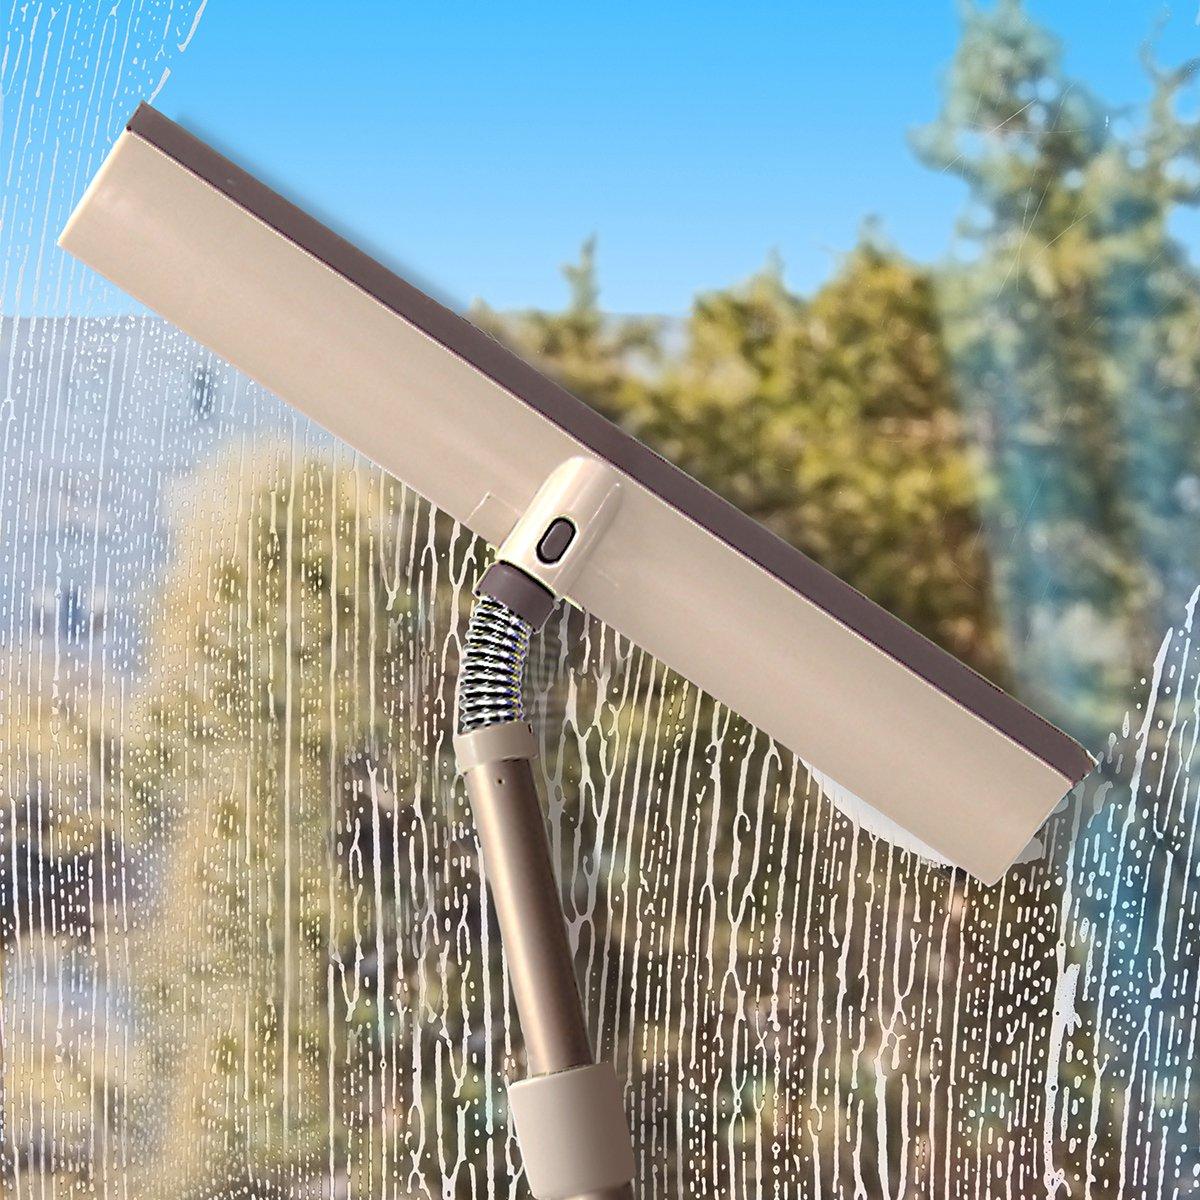 宝家洁  C3擦玻璃神器自由弯曲弹簧随意伸缩杆纱窗清洁刷玻璃刮擦玻璃工具